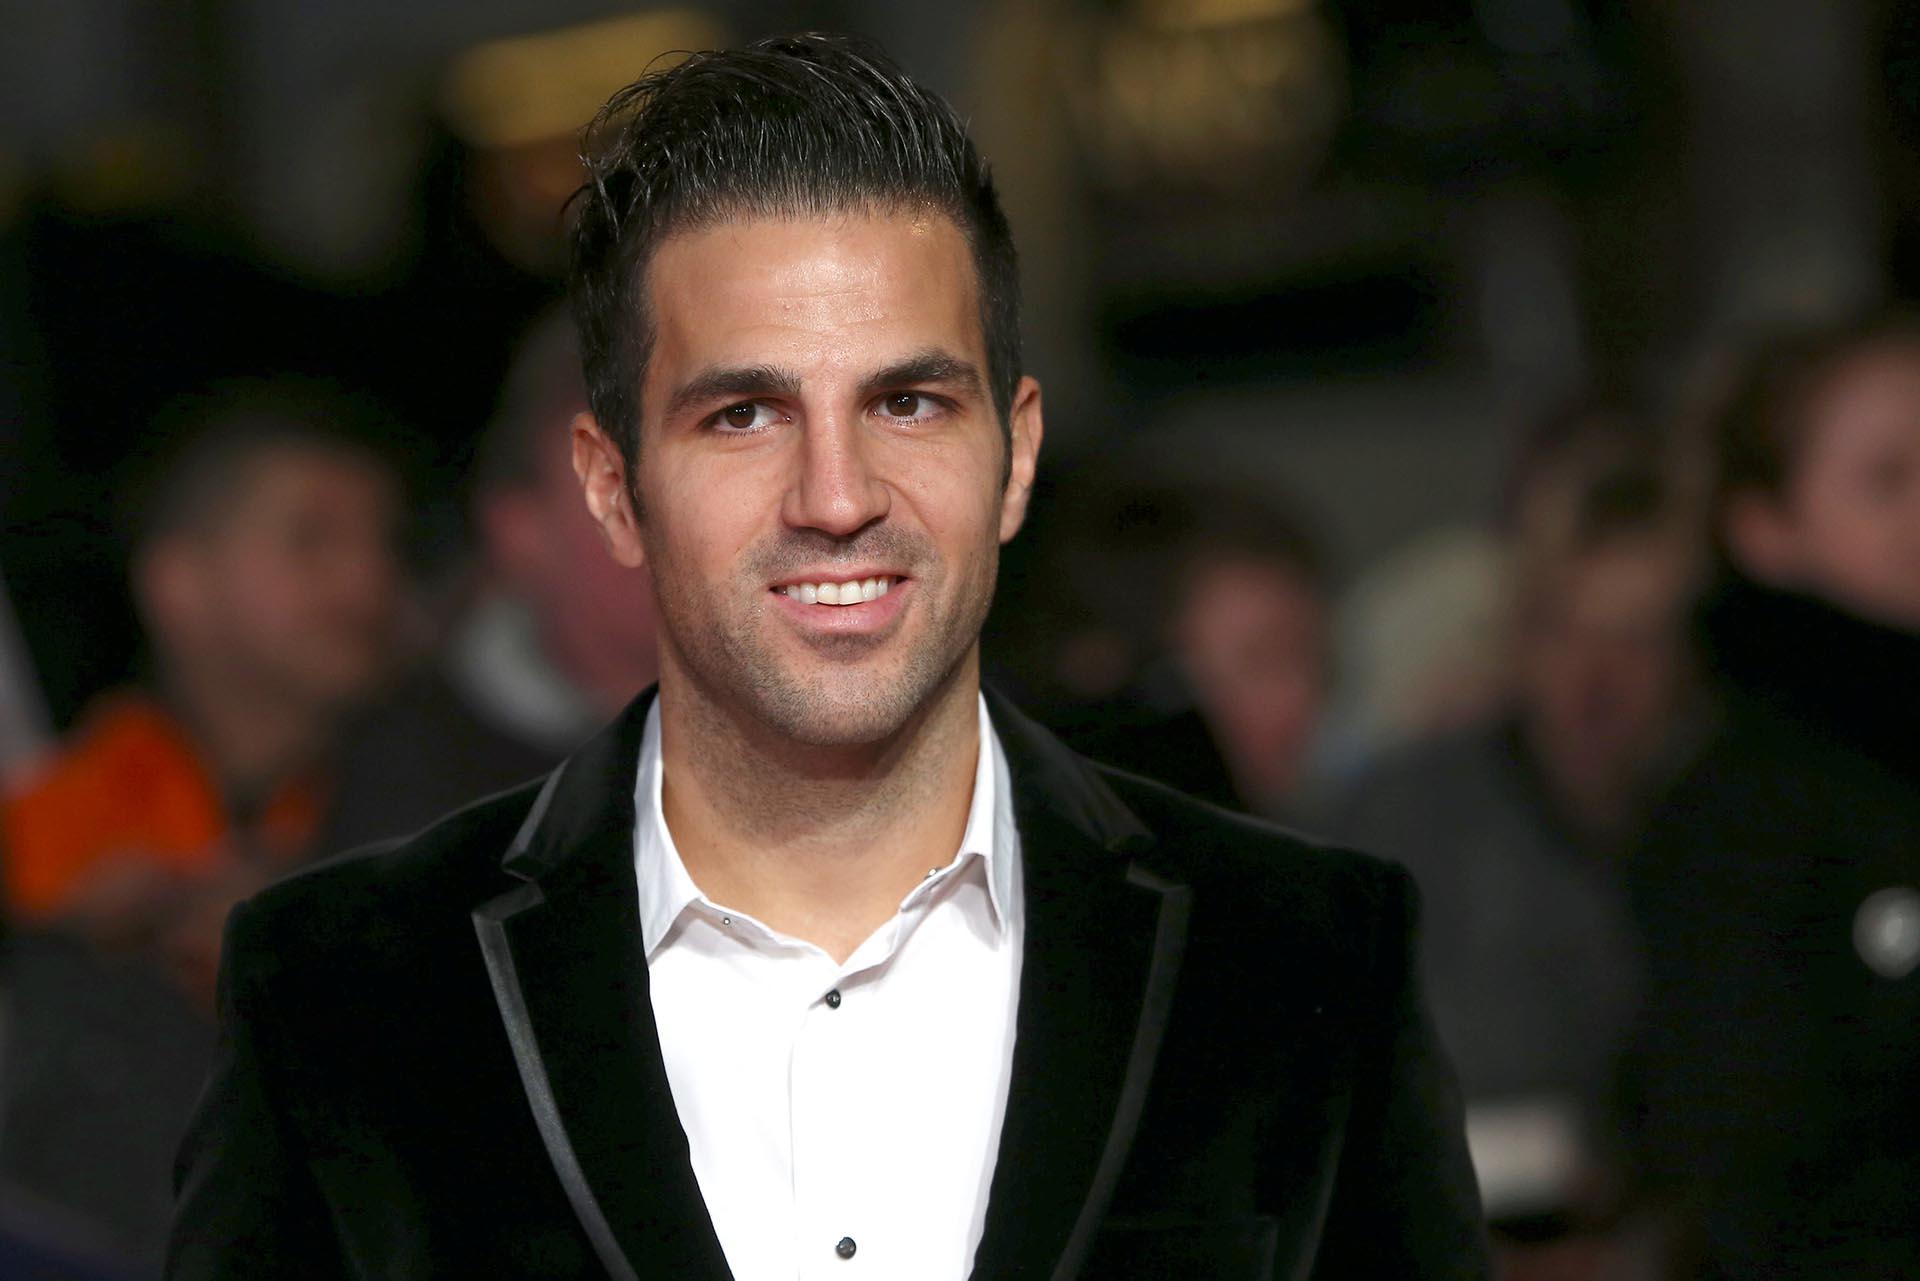 El futbolista español Cesc Fabregas fue otra de las figuras invitadas